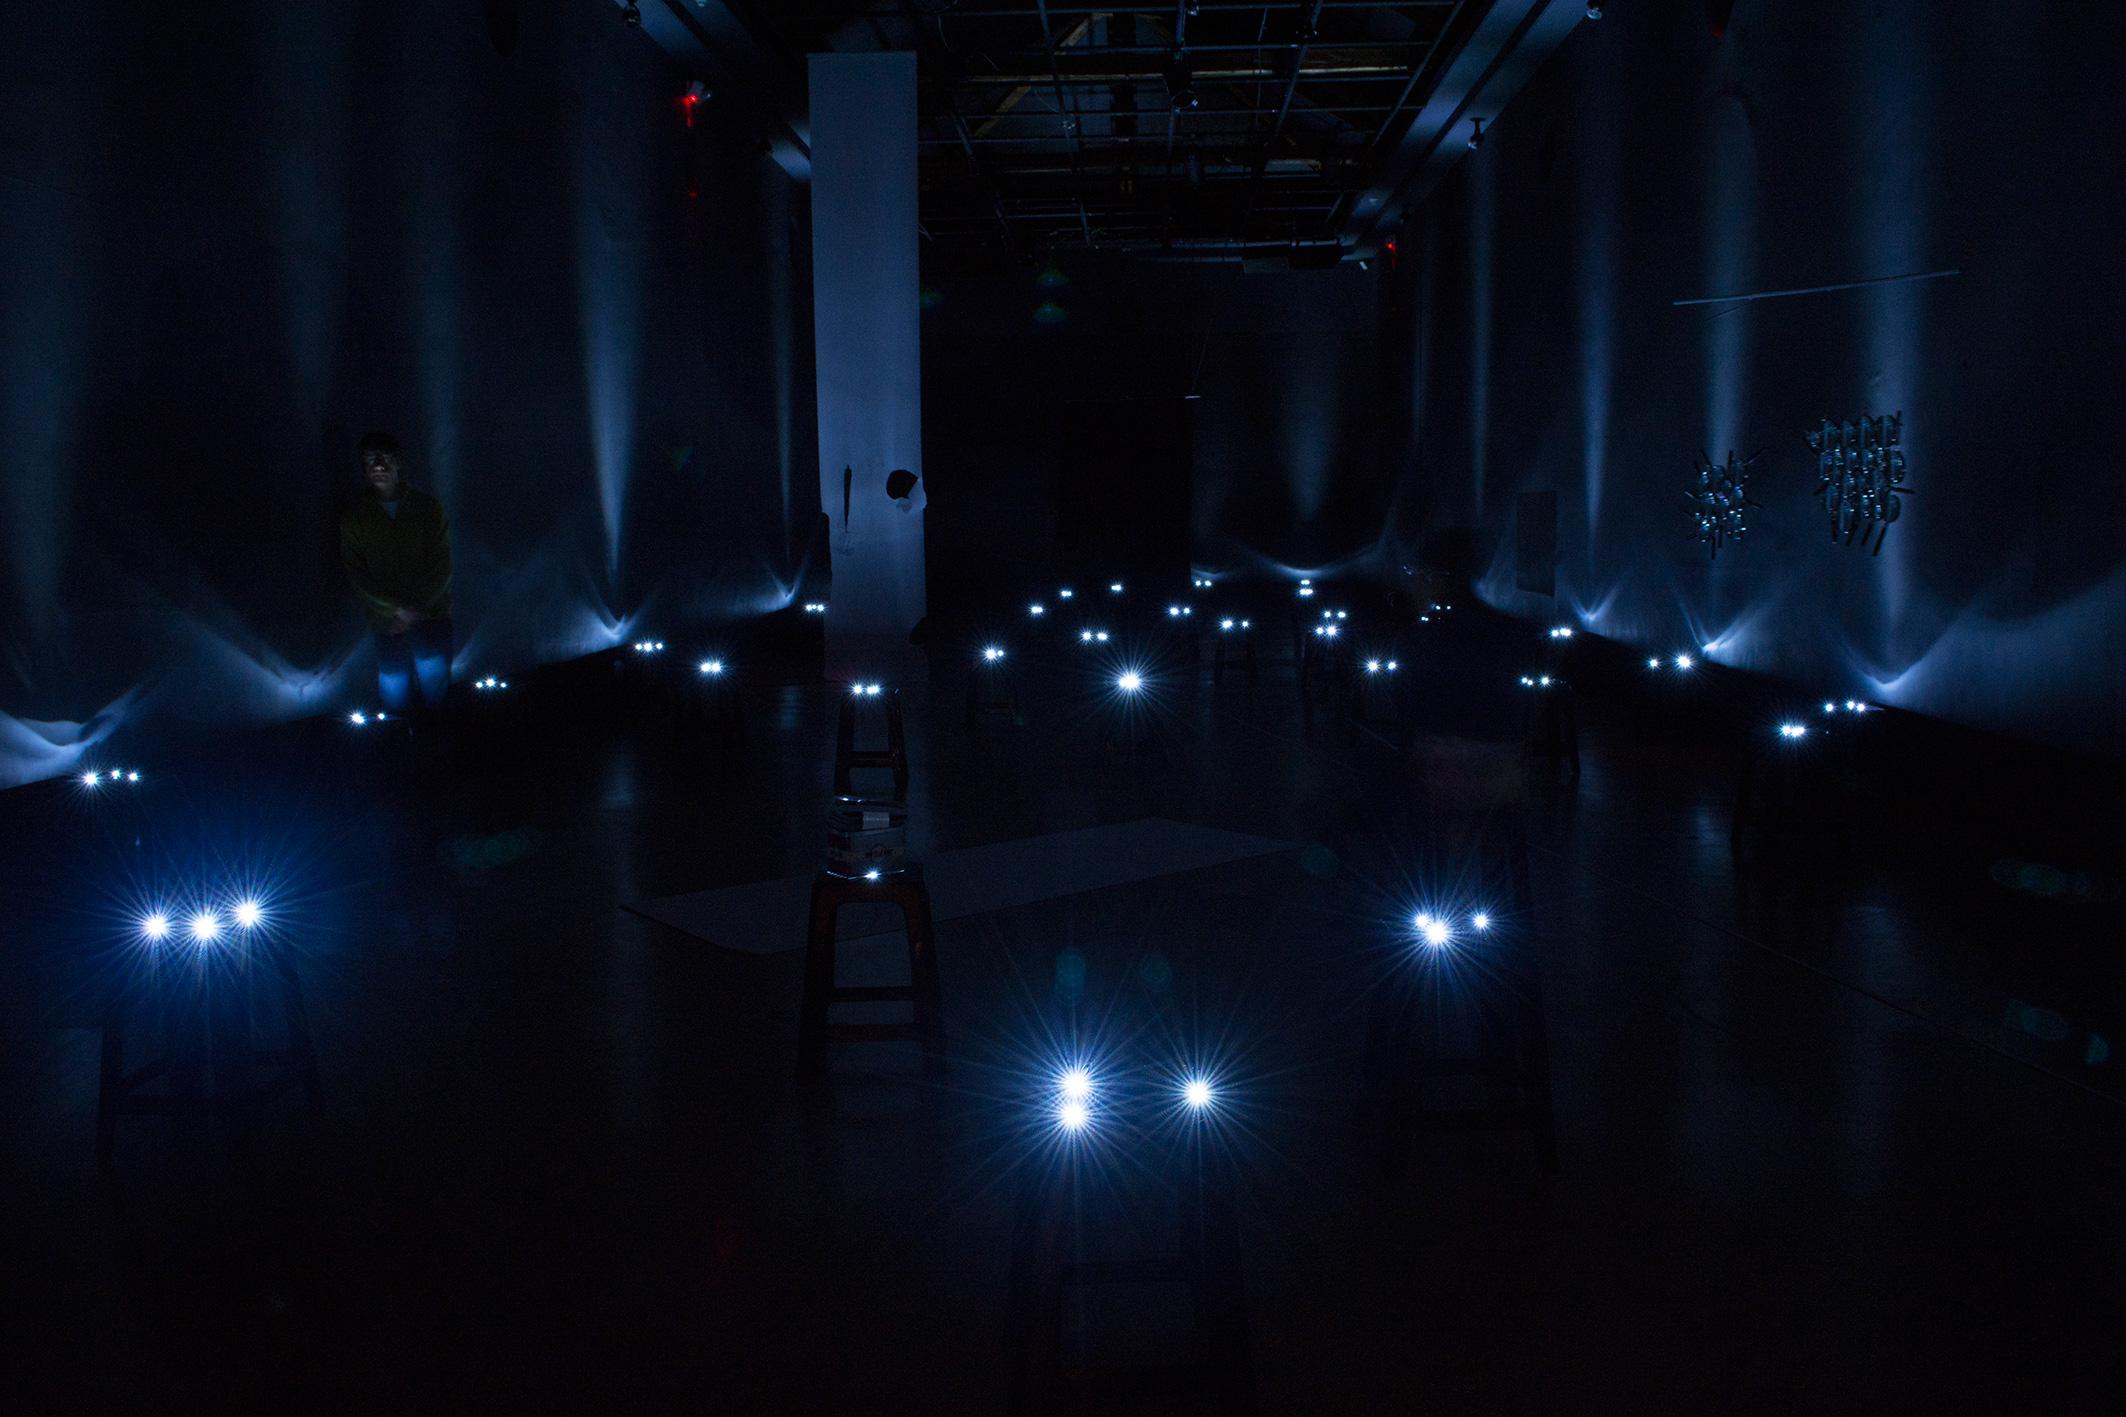 View of the installation at the Center for Contemporary Art, Quito -Ecuador, 2015.  Vista de la instalación en el Centro de Arte Contemporáneo de Quito, Ecuador 2015.  Design/diseño: Victor Hoyos  50 min. Dimensiones variables